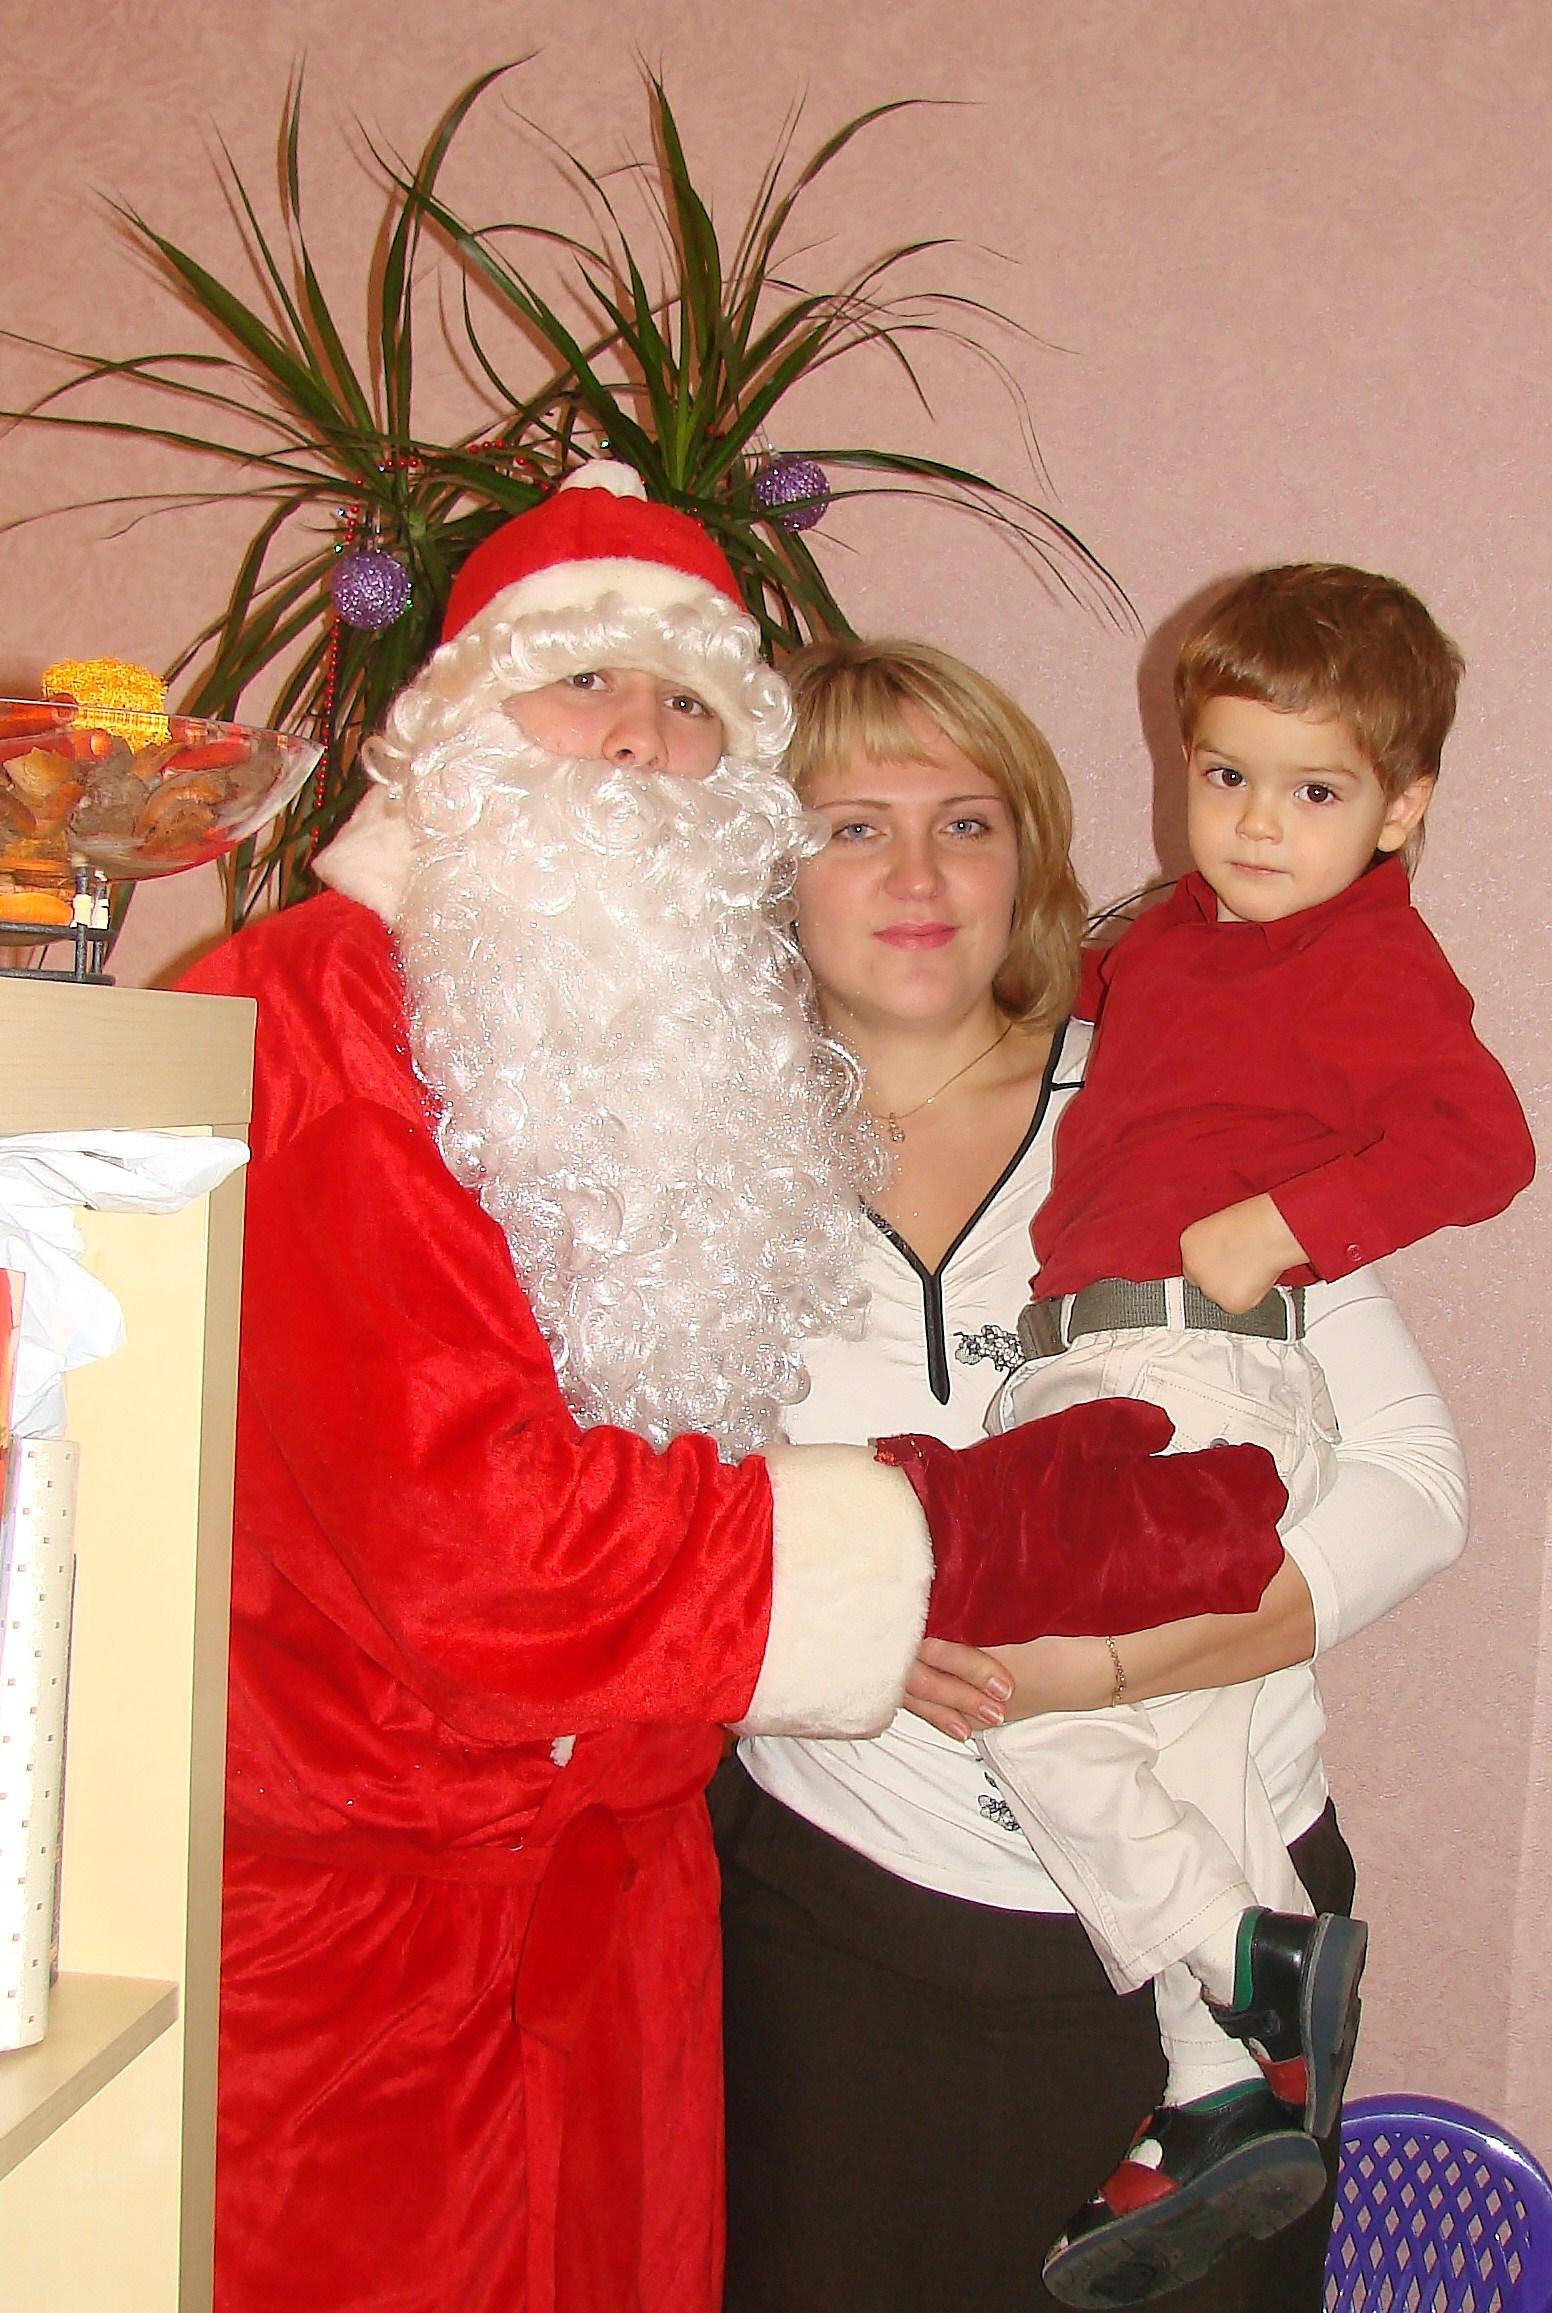 наш юный Новый год -большой помощник Дед Мороза. Наш Новый год!